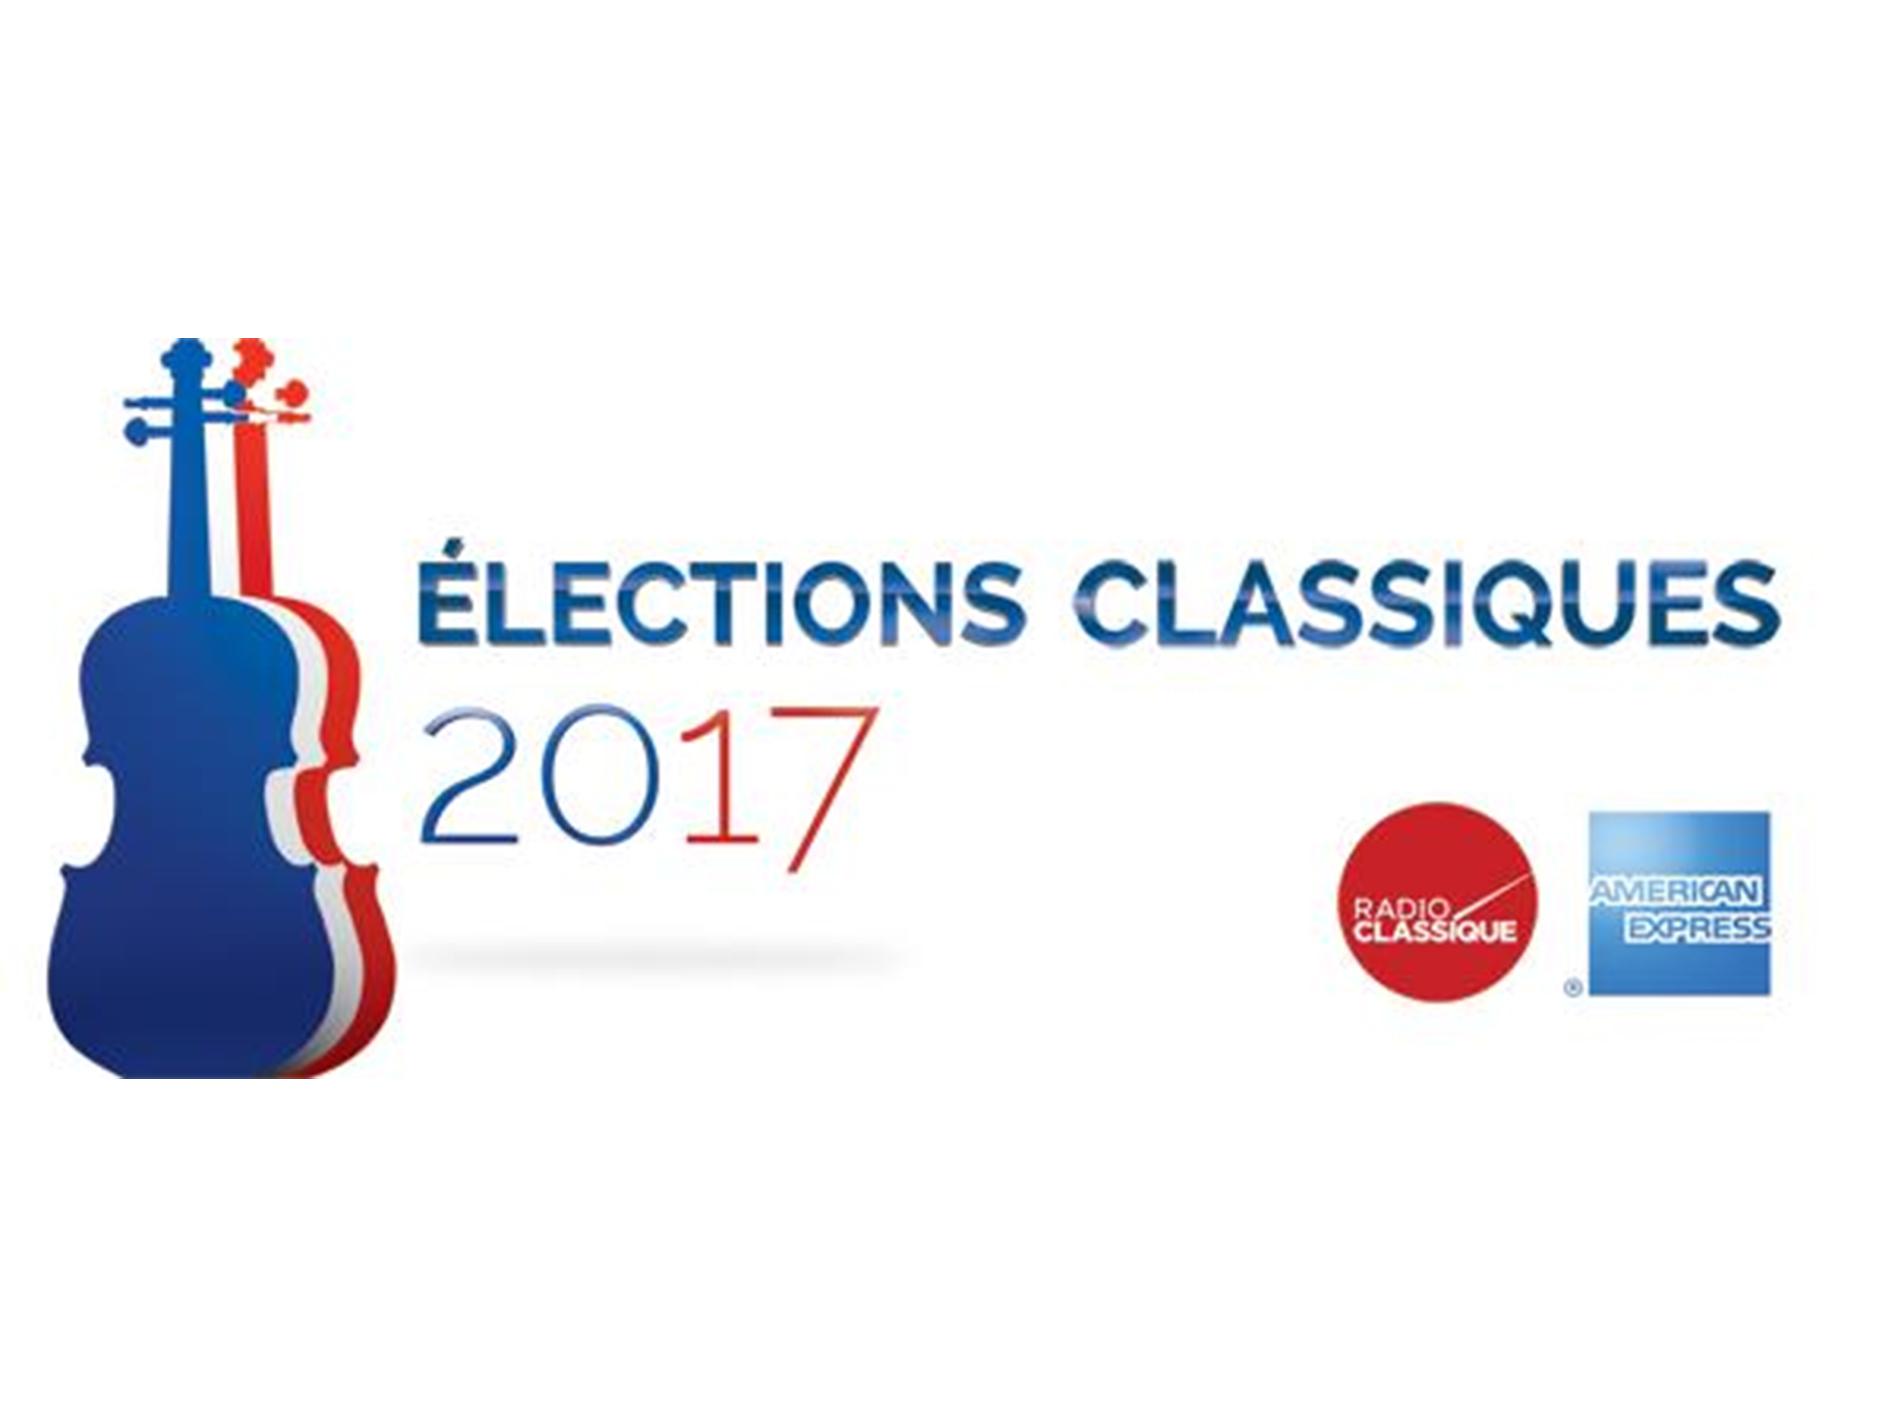 elections classiques 2017 de radio classique toutelacultureelections classiques 2017 de radio. Black Bedroom Furniture Sets. Home Design Ideas